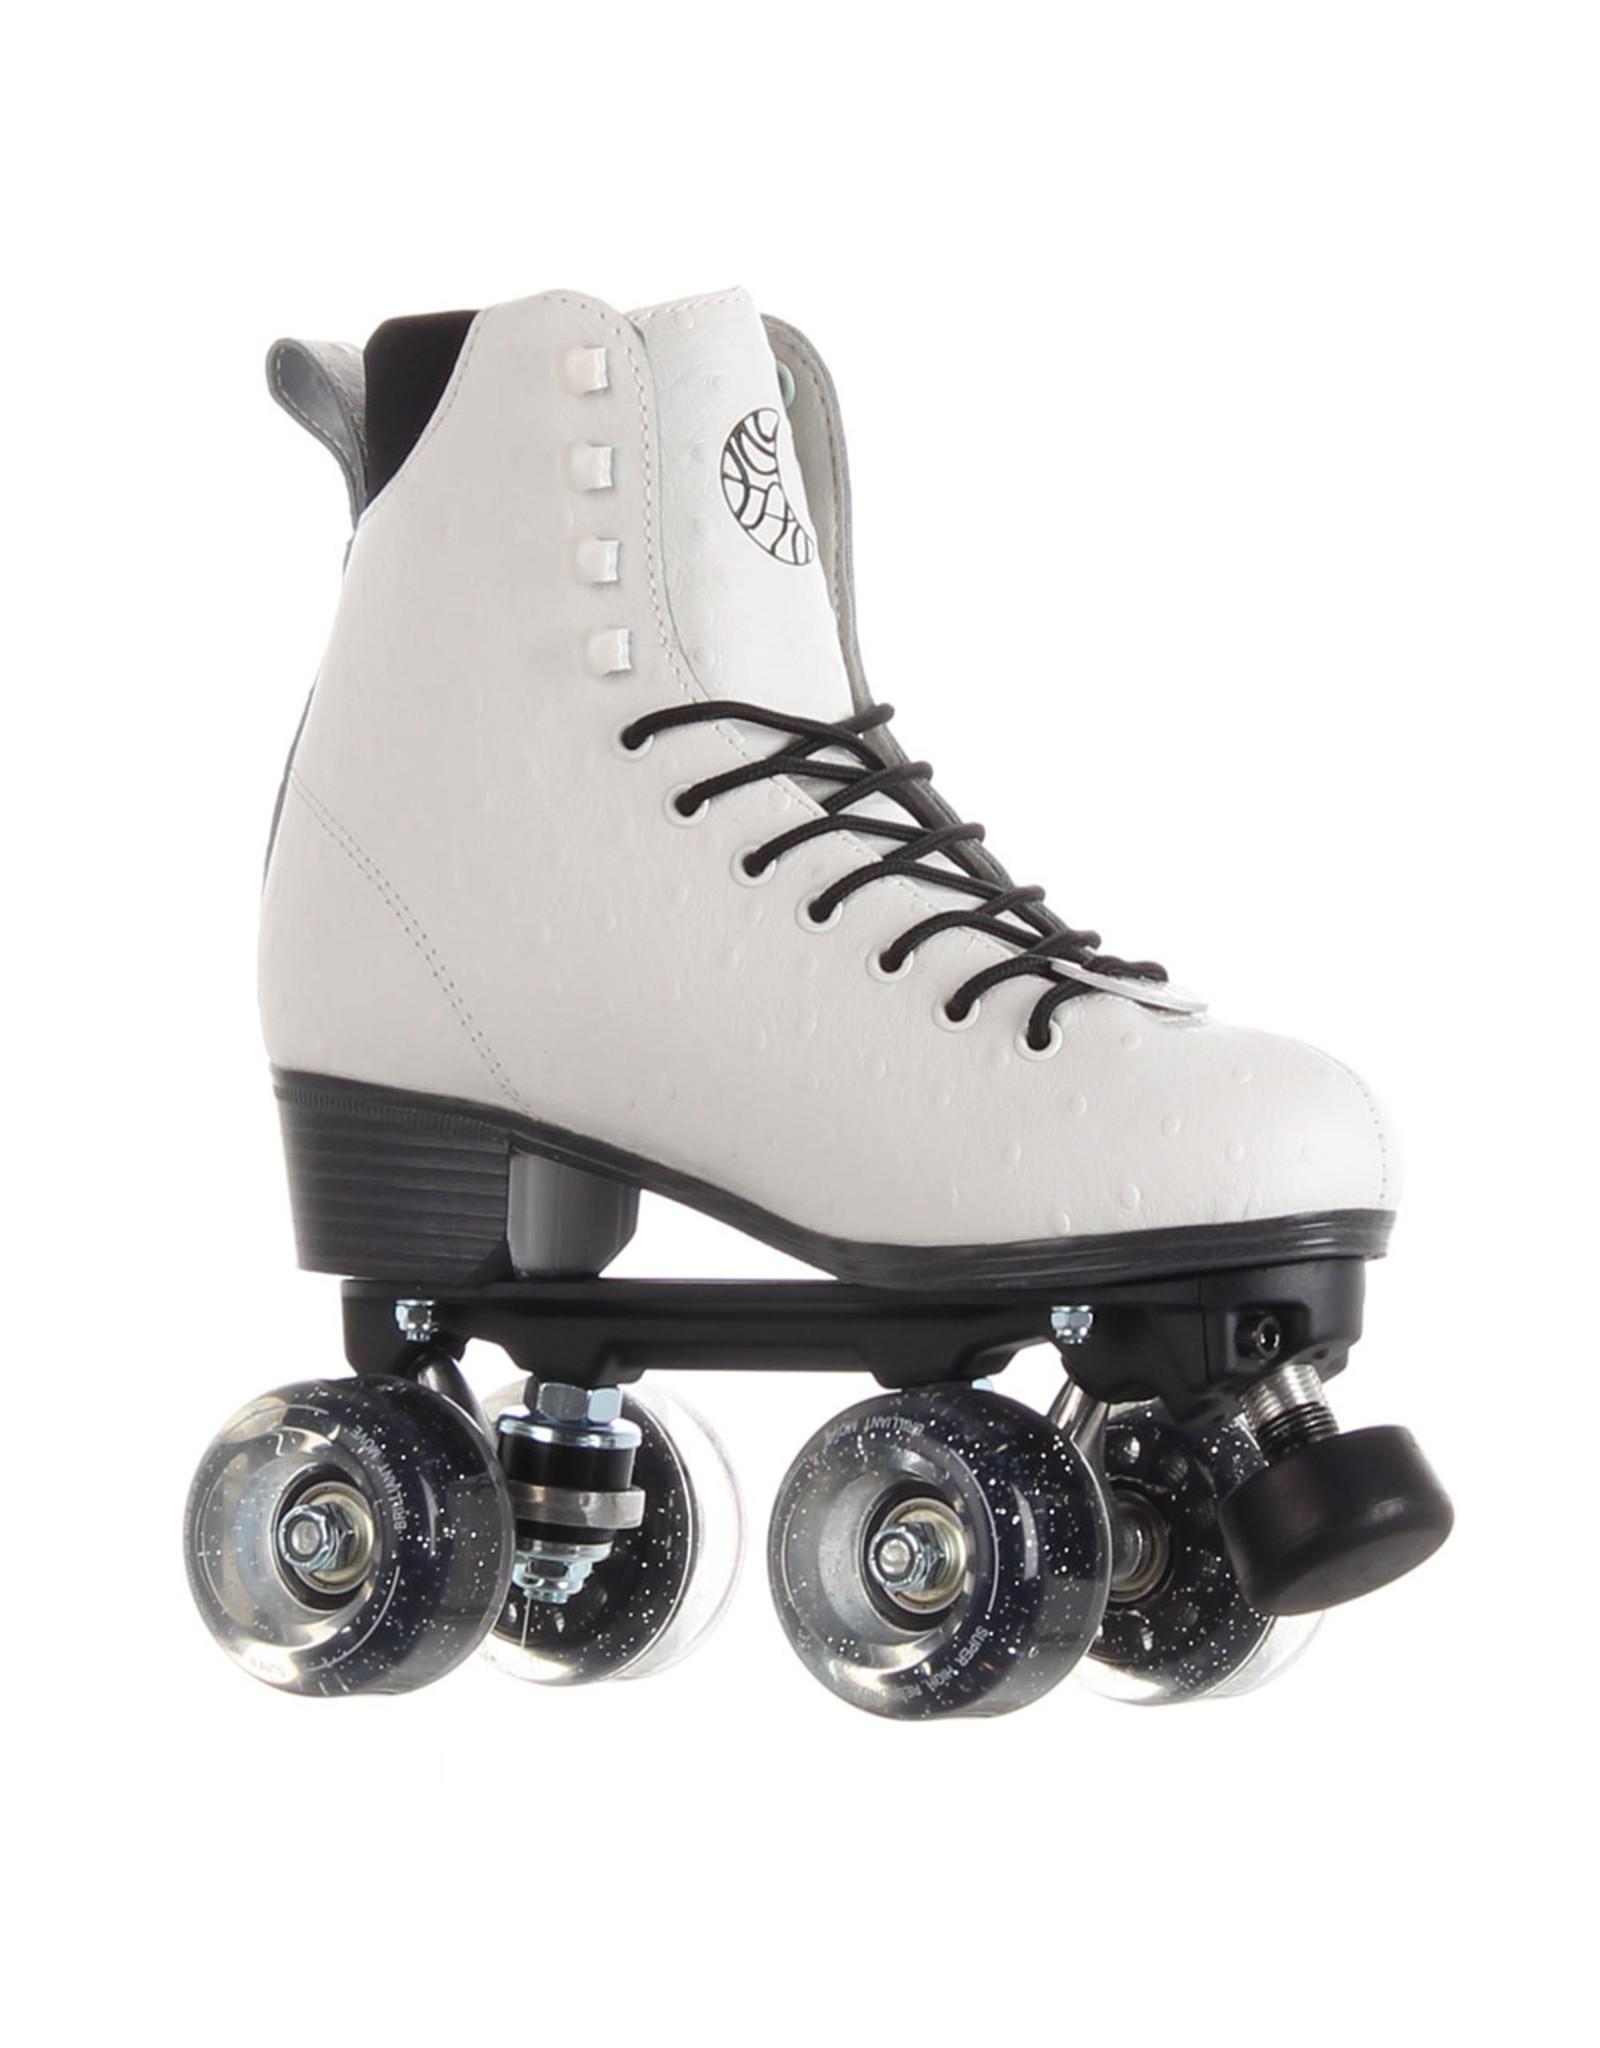 Luna Luna Skates